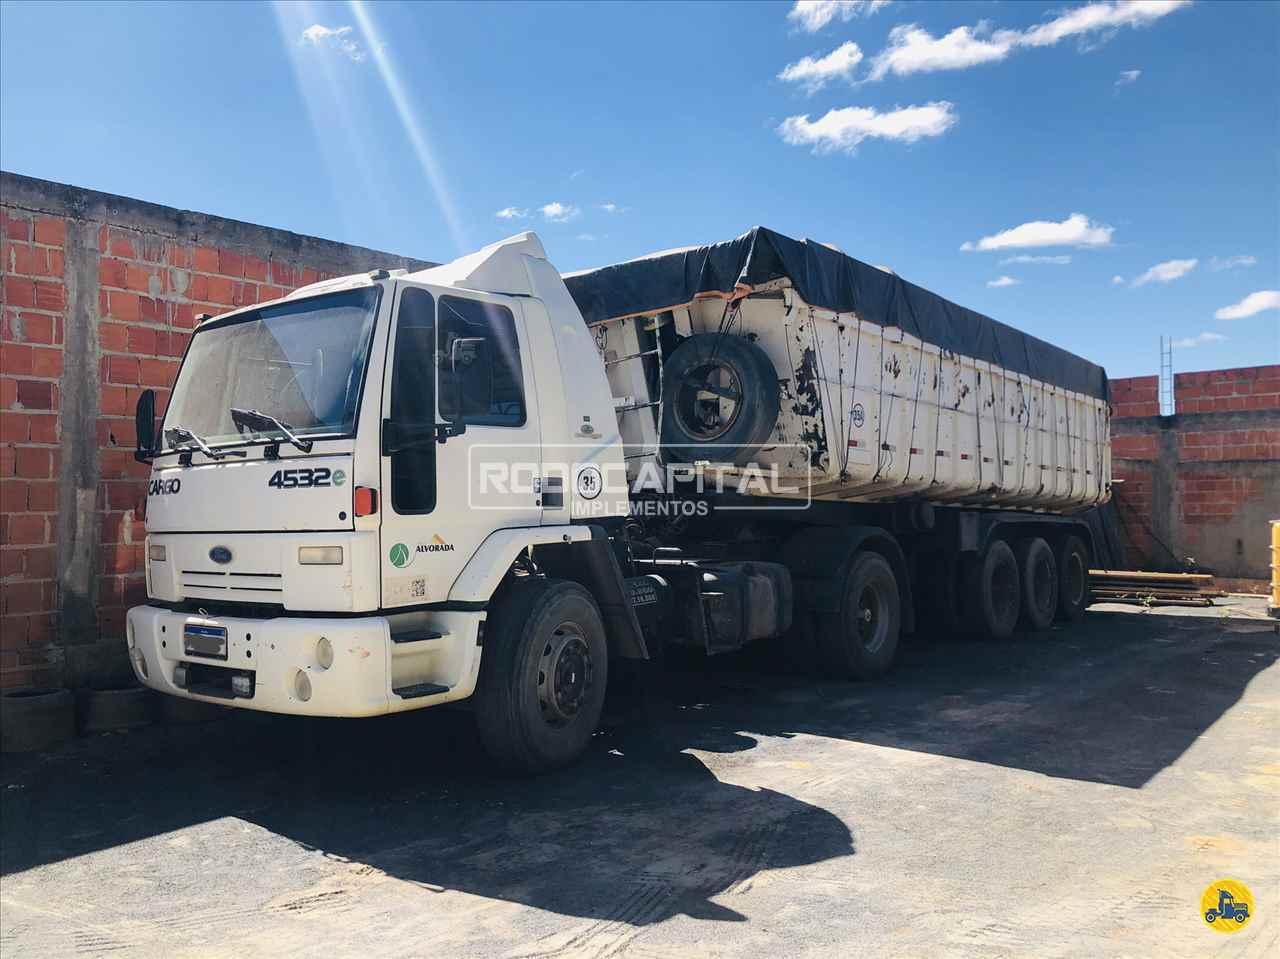 CAMINHAO FORD CARGO 4532 Caçamba Basculante Toco 4x2 RODOCAPITAL - TRUCKVAN BRASILIA DISTRITO FEDERAL DF